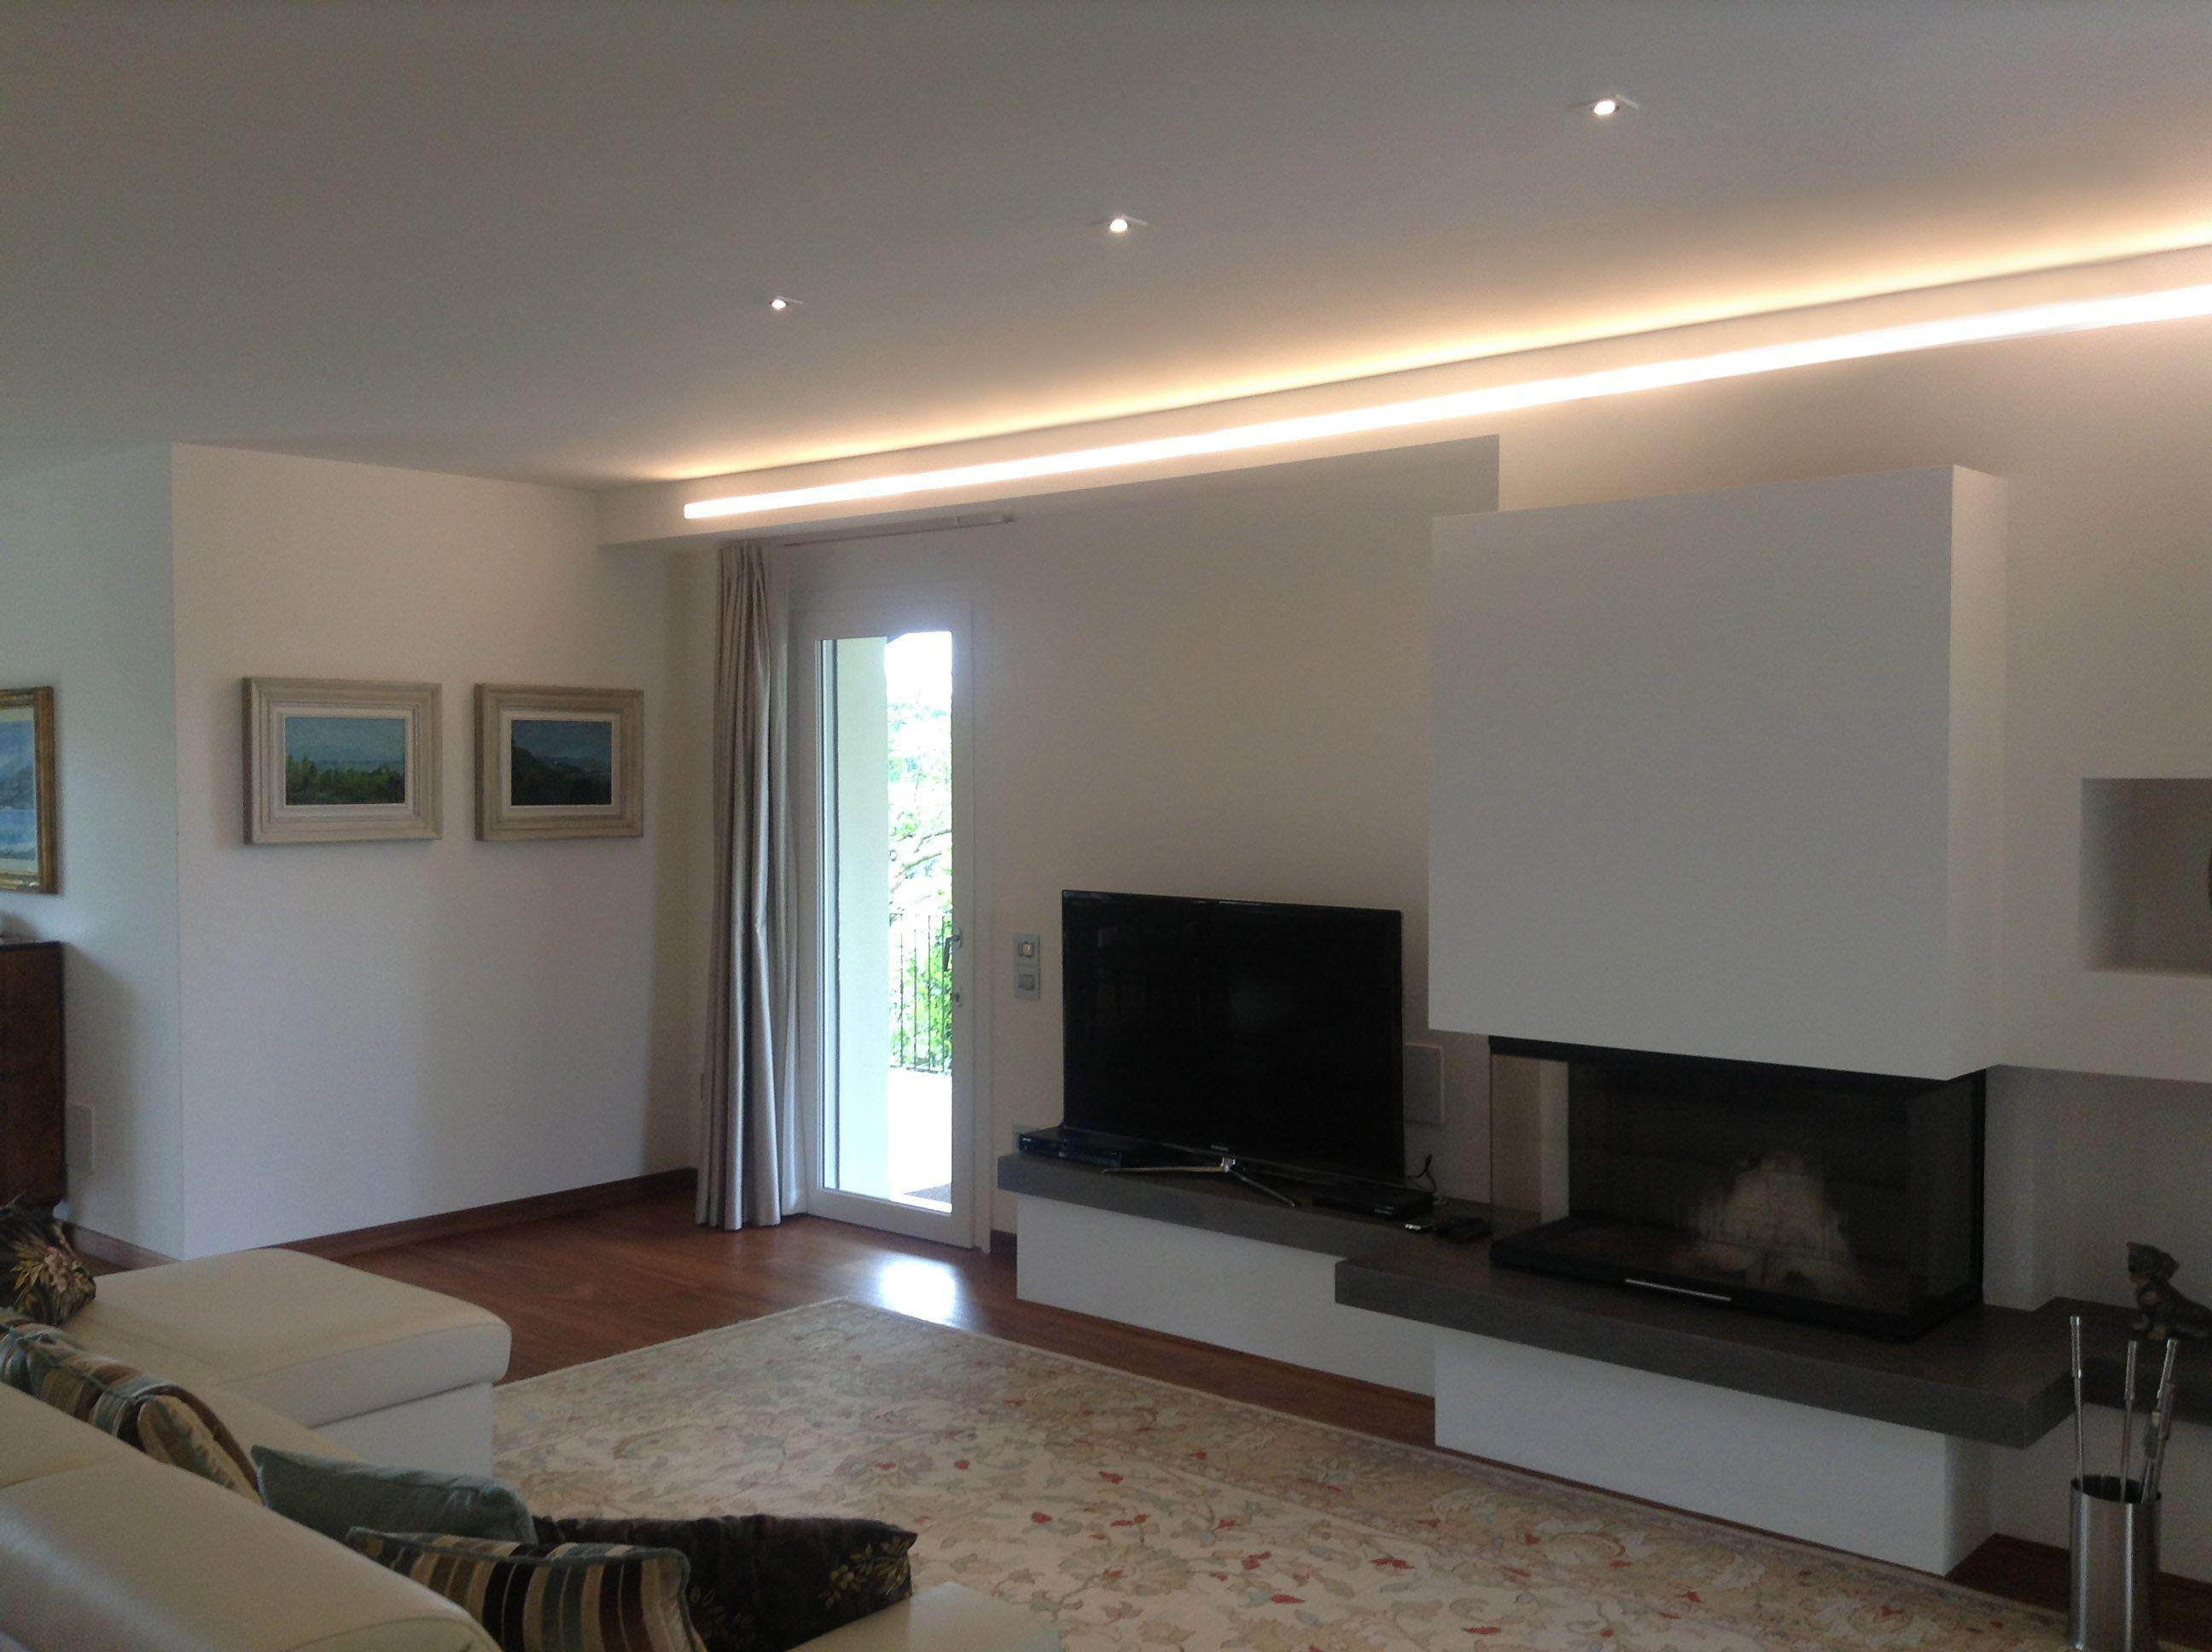 Abitazione privata #illuminazione #soggiorno #tagli #luce #LED #Ligting #Design  Realizzazioni ...